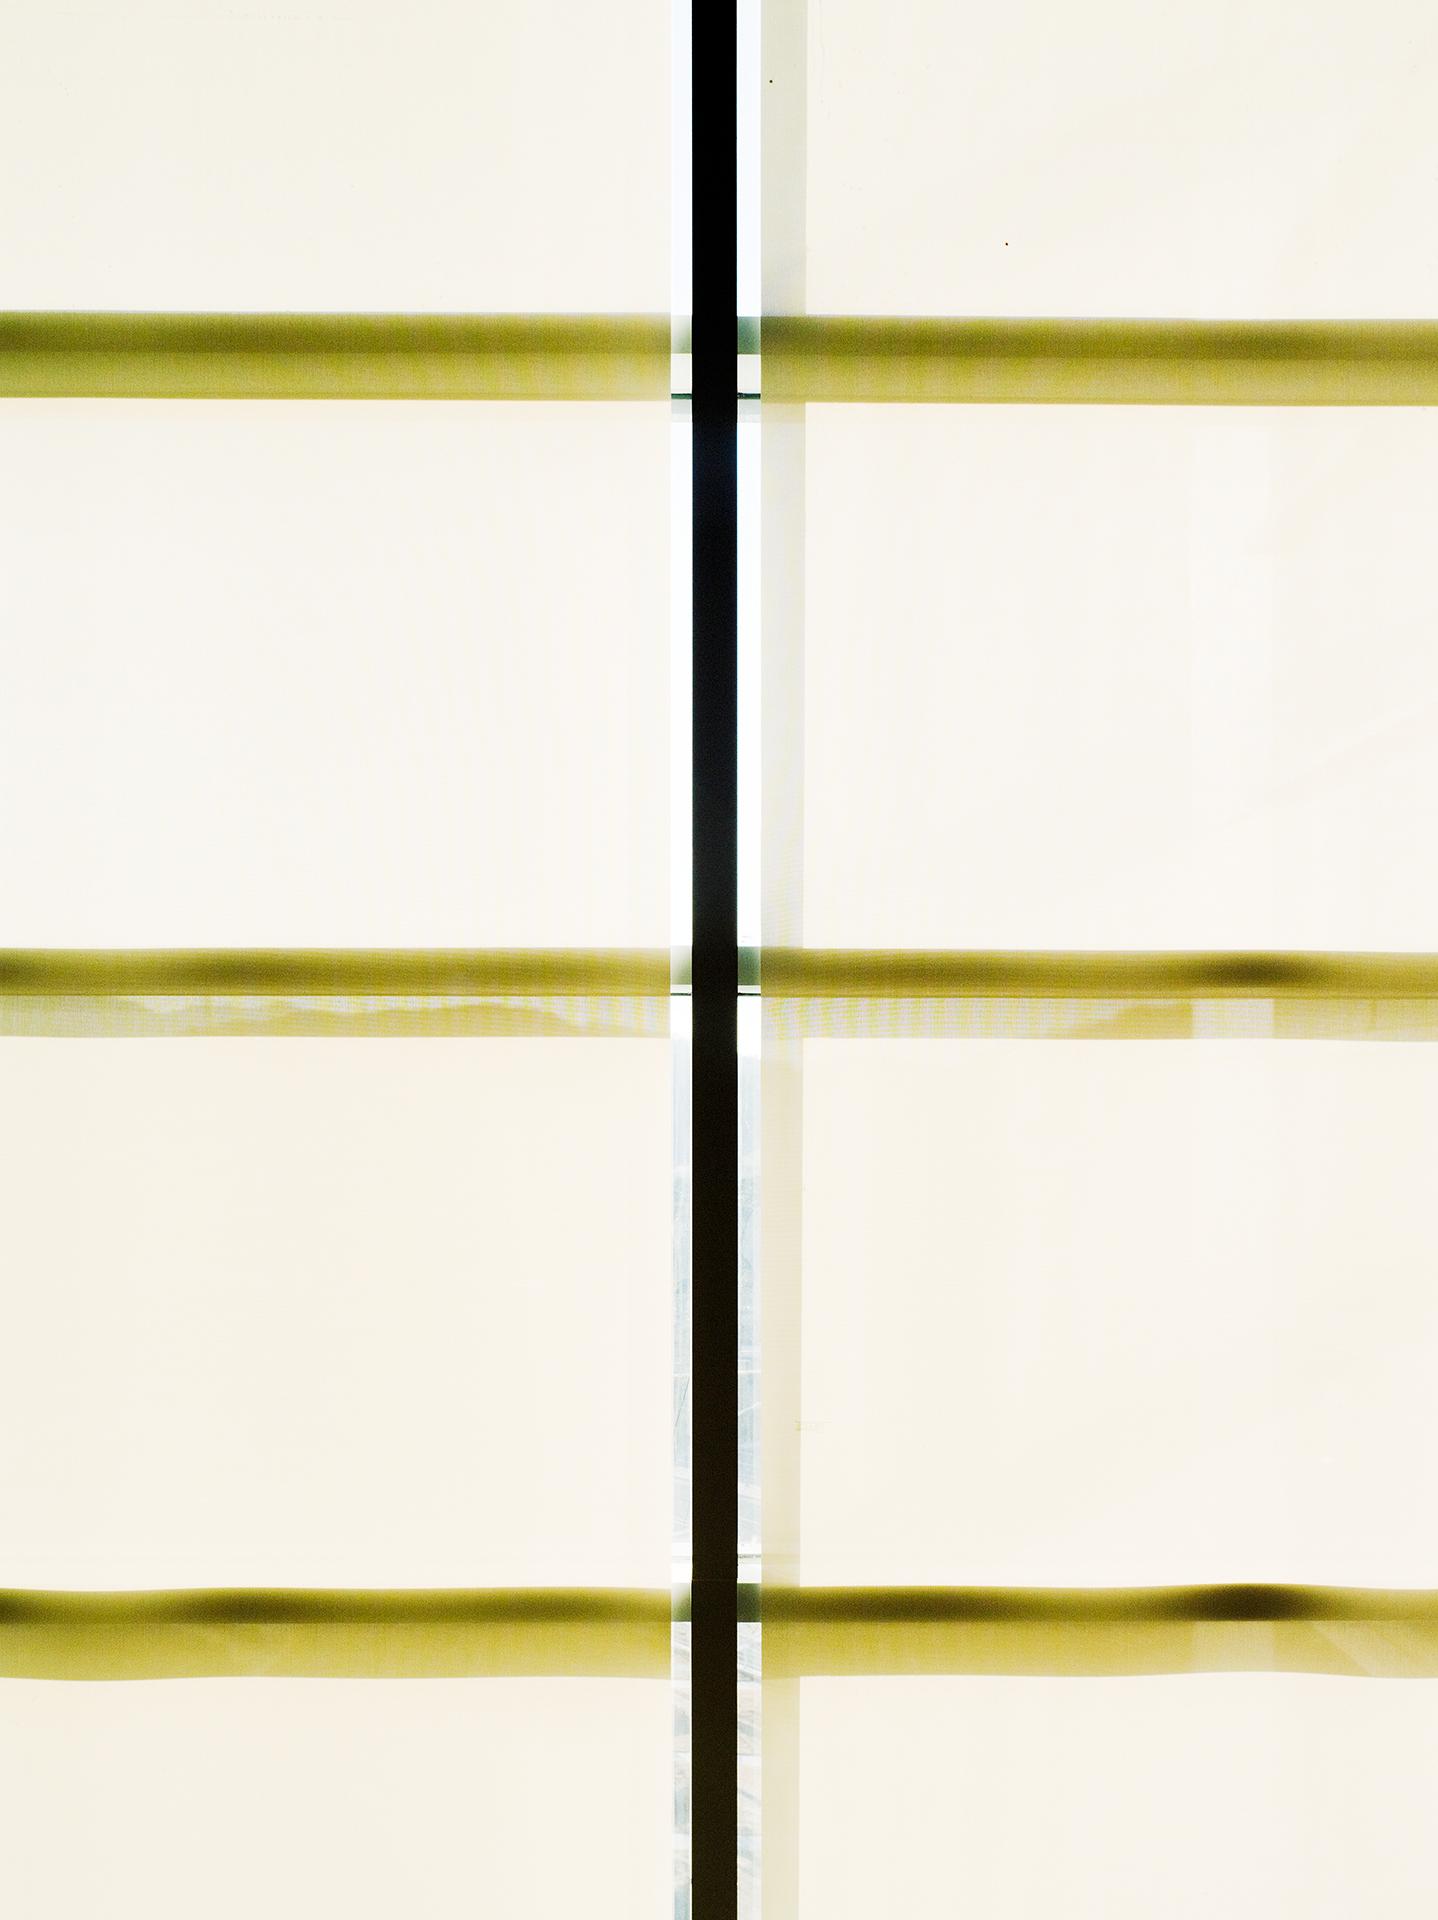 Light Flow : gl, Cs-01   pigment print, framed  85 x 65cm, 2013